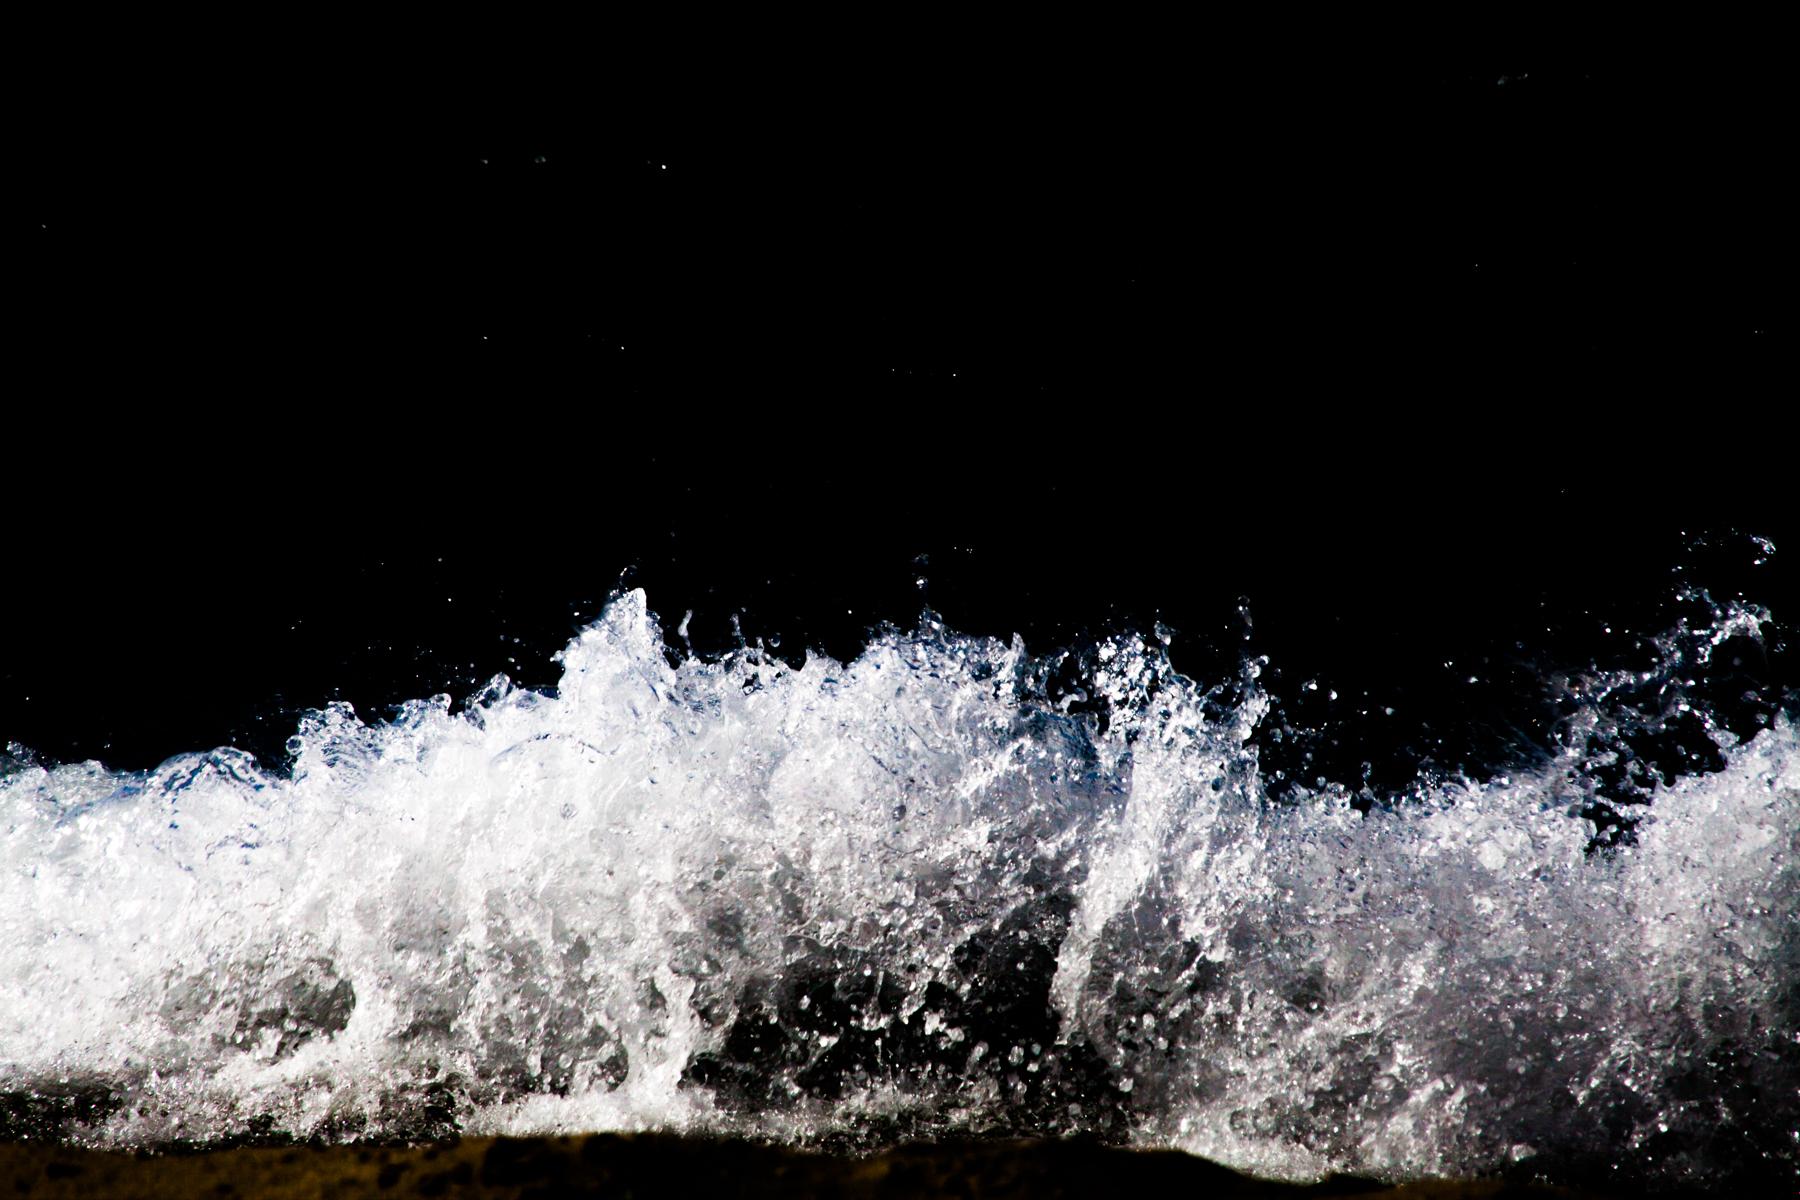 Anastasia_Kioulafa_Waves_Untitled-3.jpg